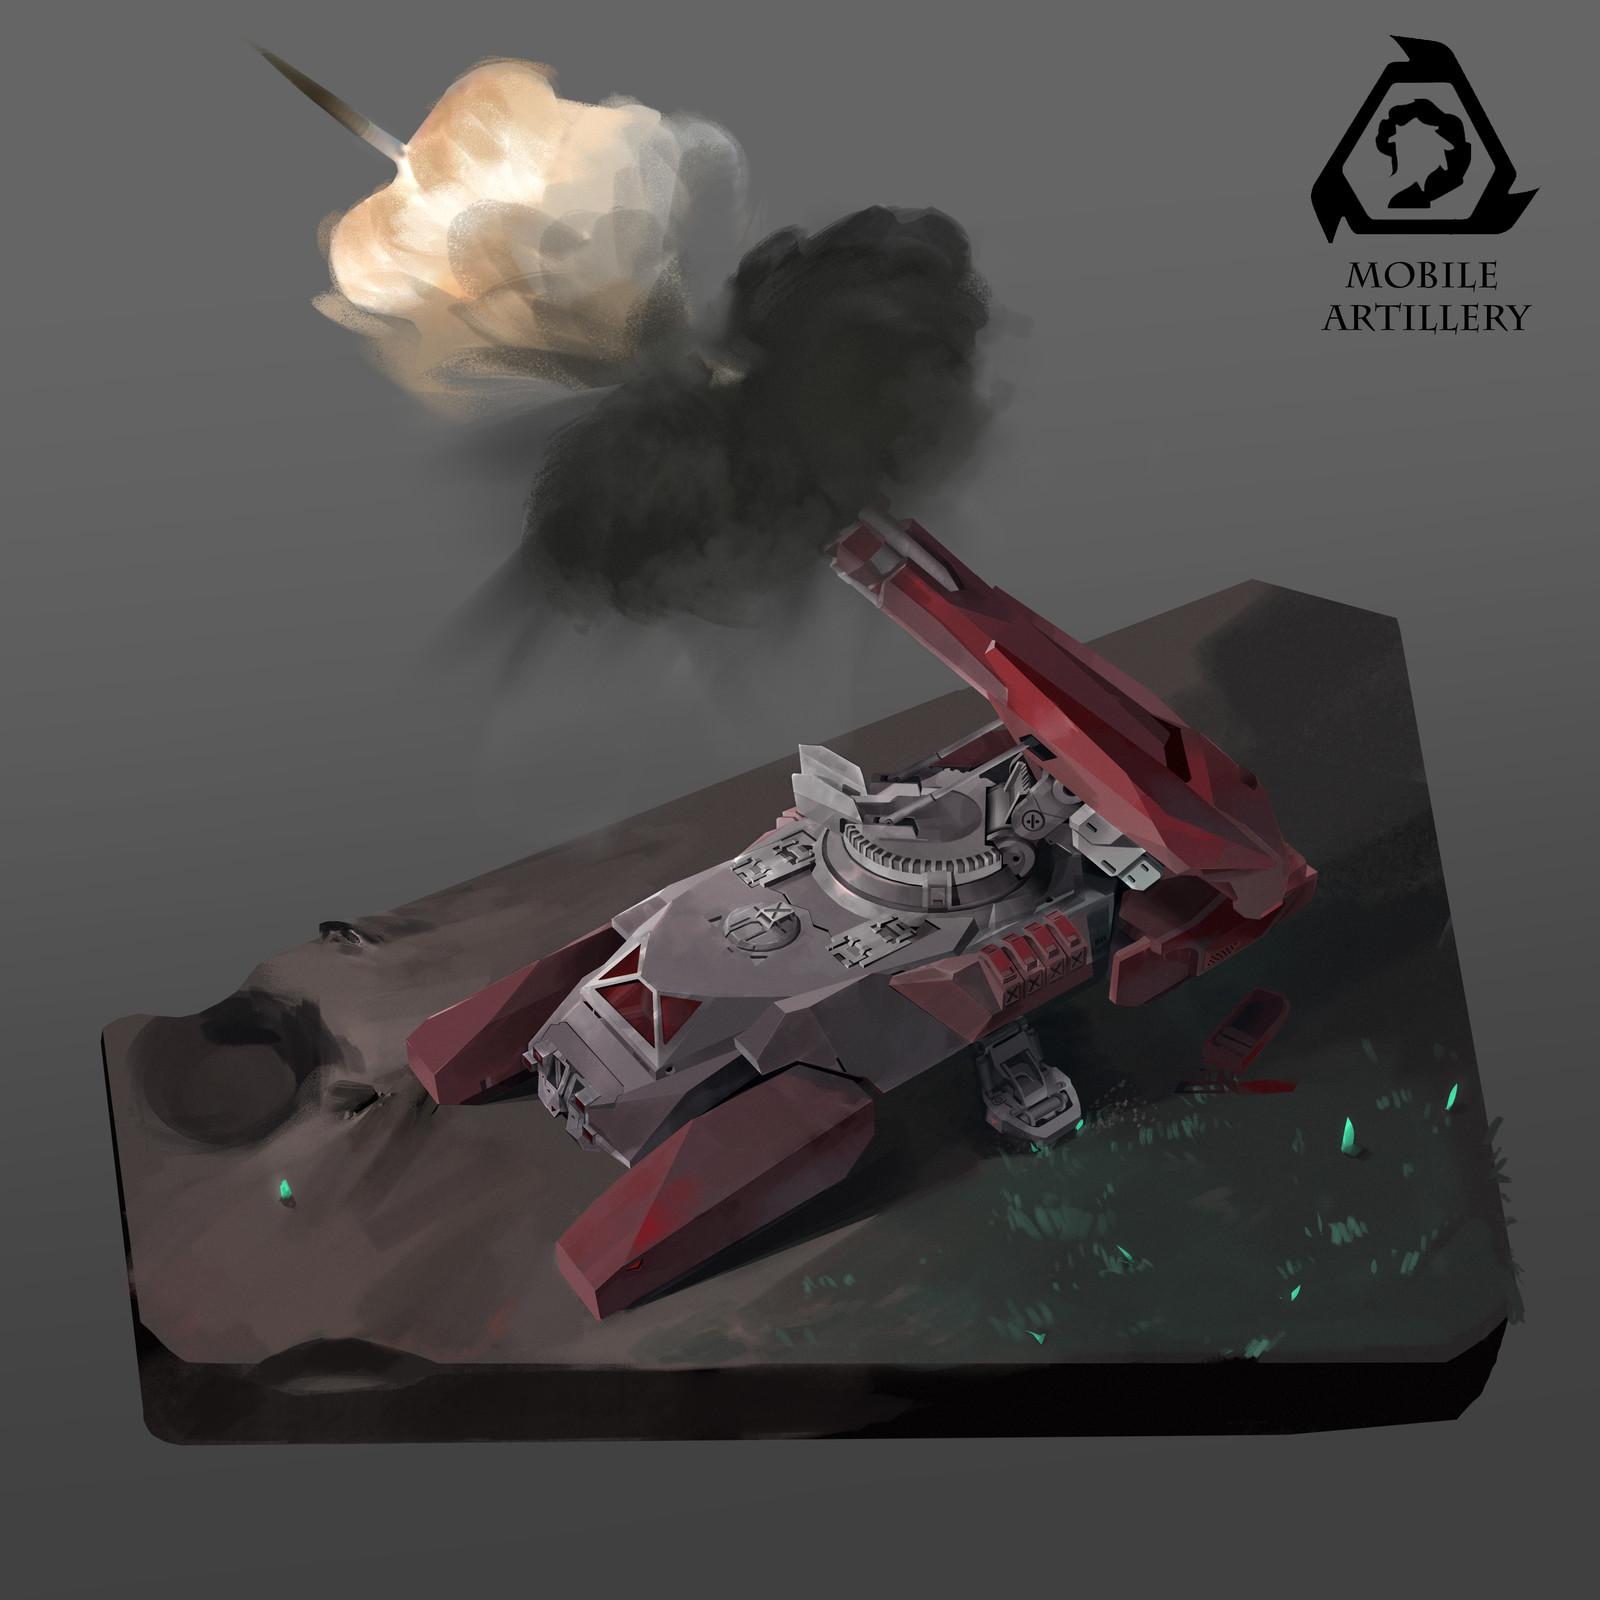 NOD_Mobile Artillery